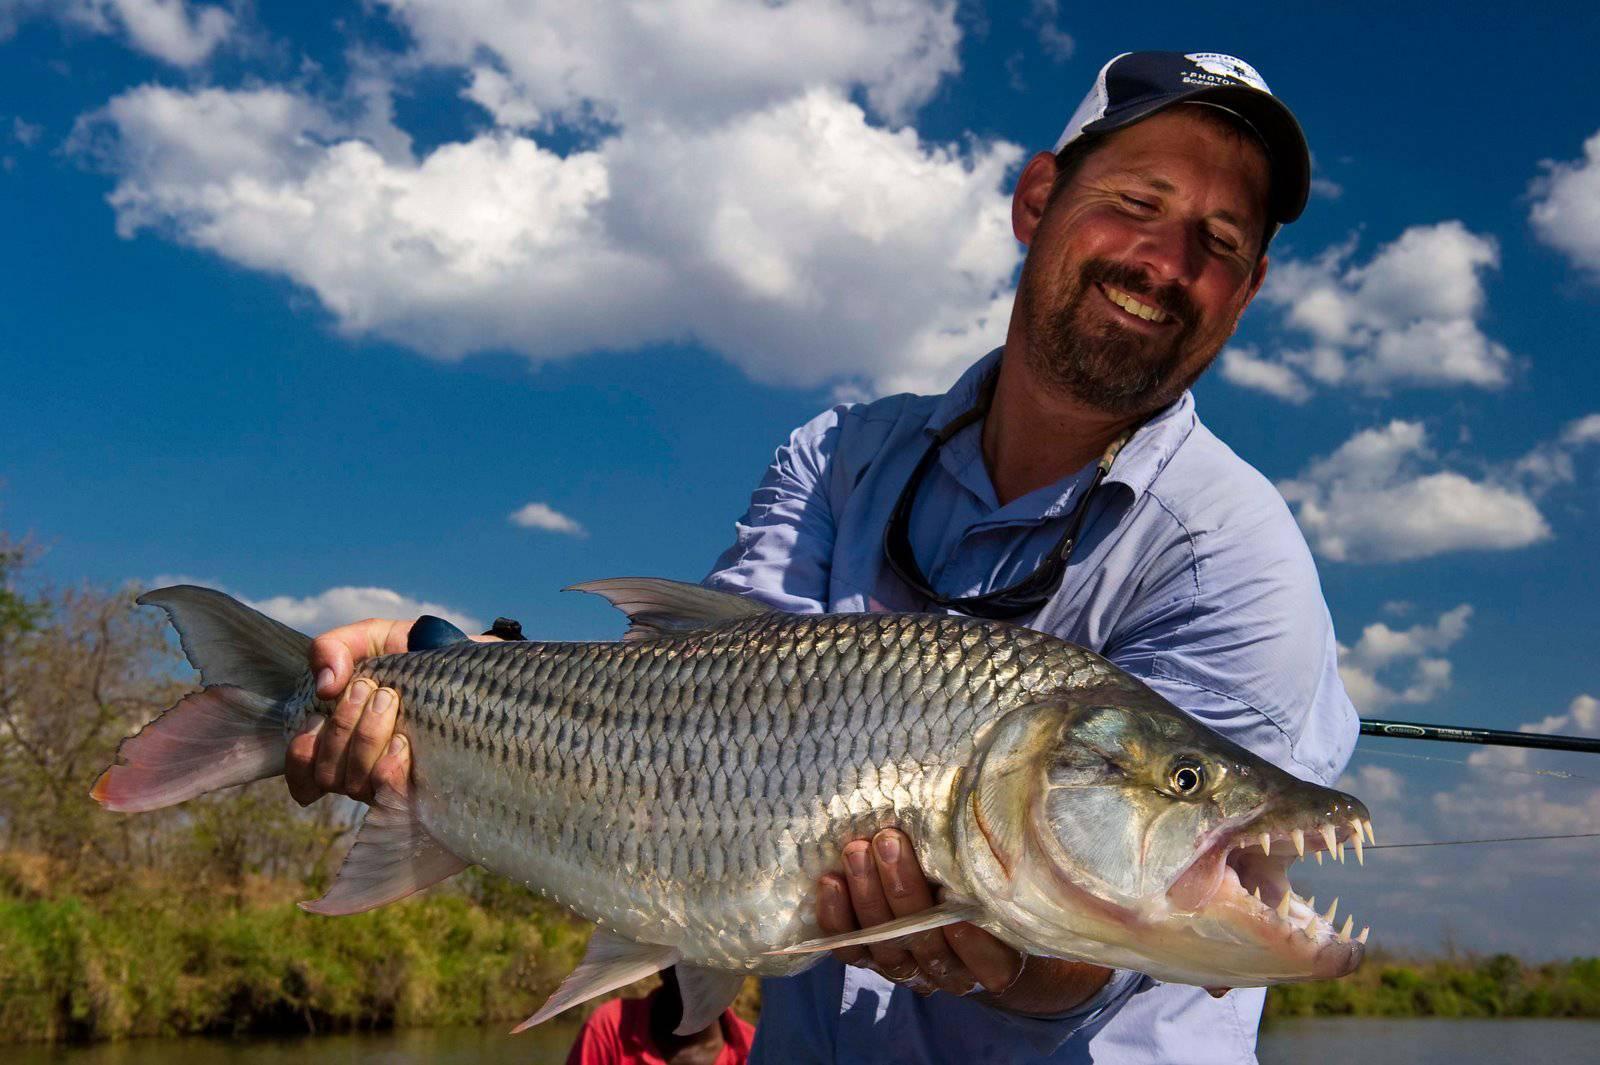 Тигровая рыба голиаф рецепт приготовления. водный монстр из африки — тигровая рыба голиаф. с кем уживаются голиафы